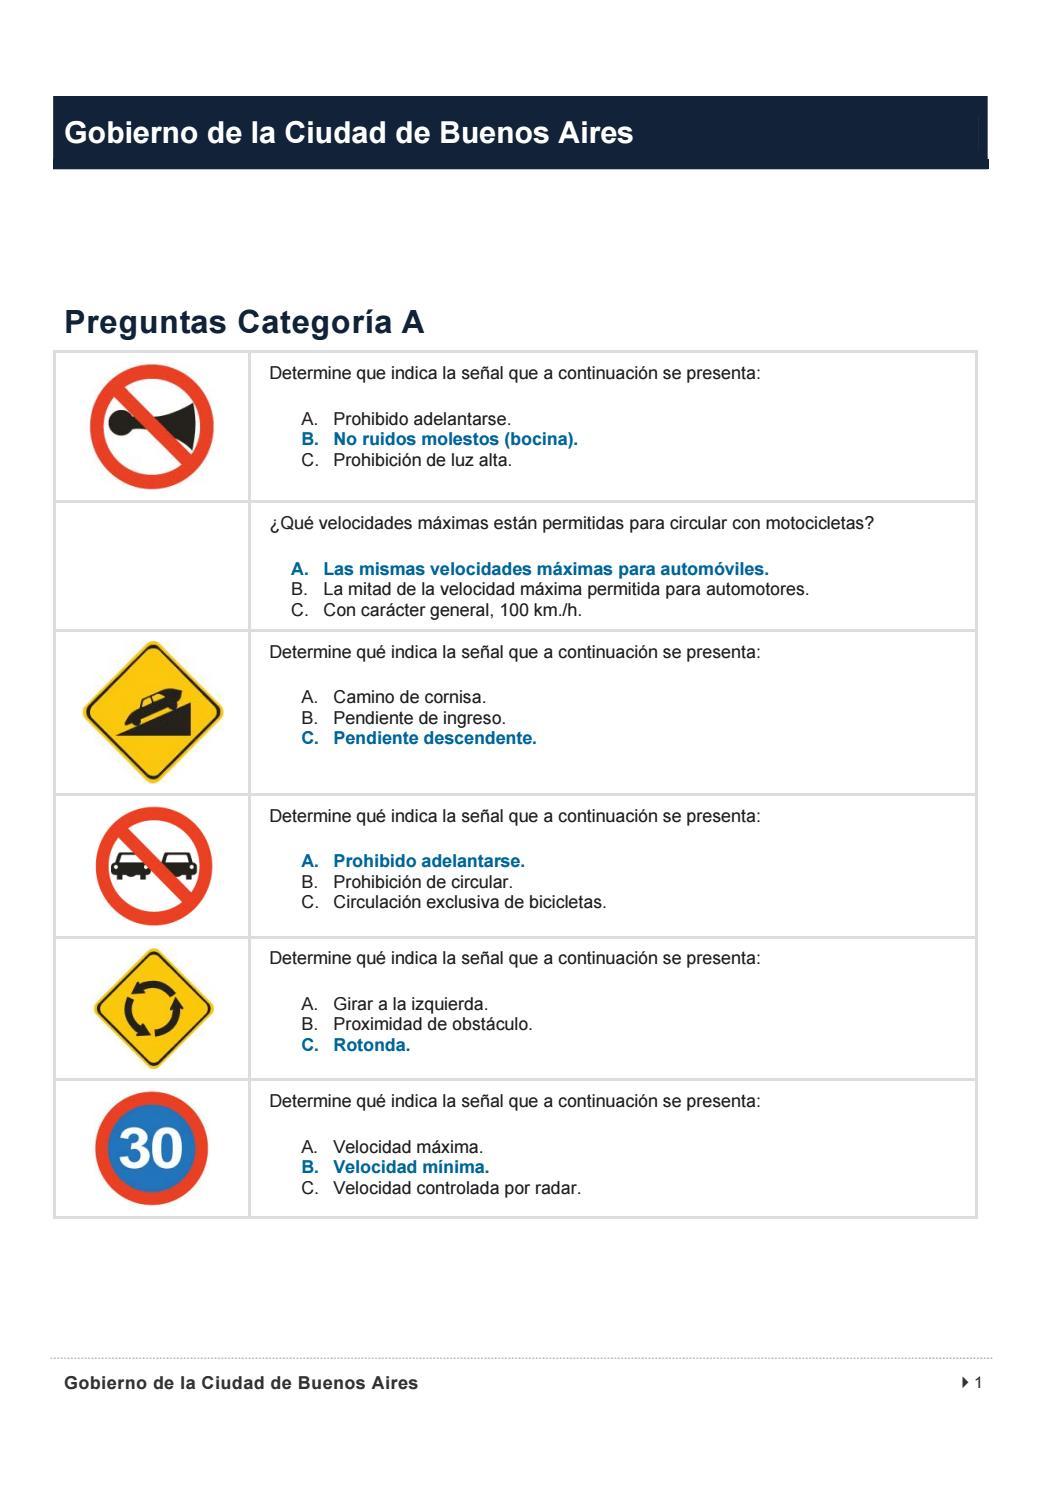 Preguntas examen licencia motos buenos aires by guia for Examen para plazas docentes 2017